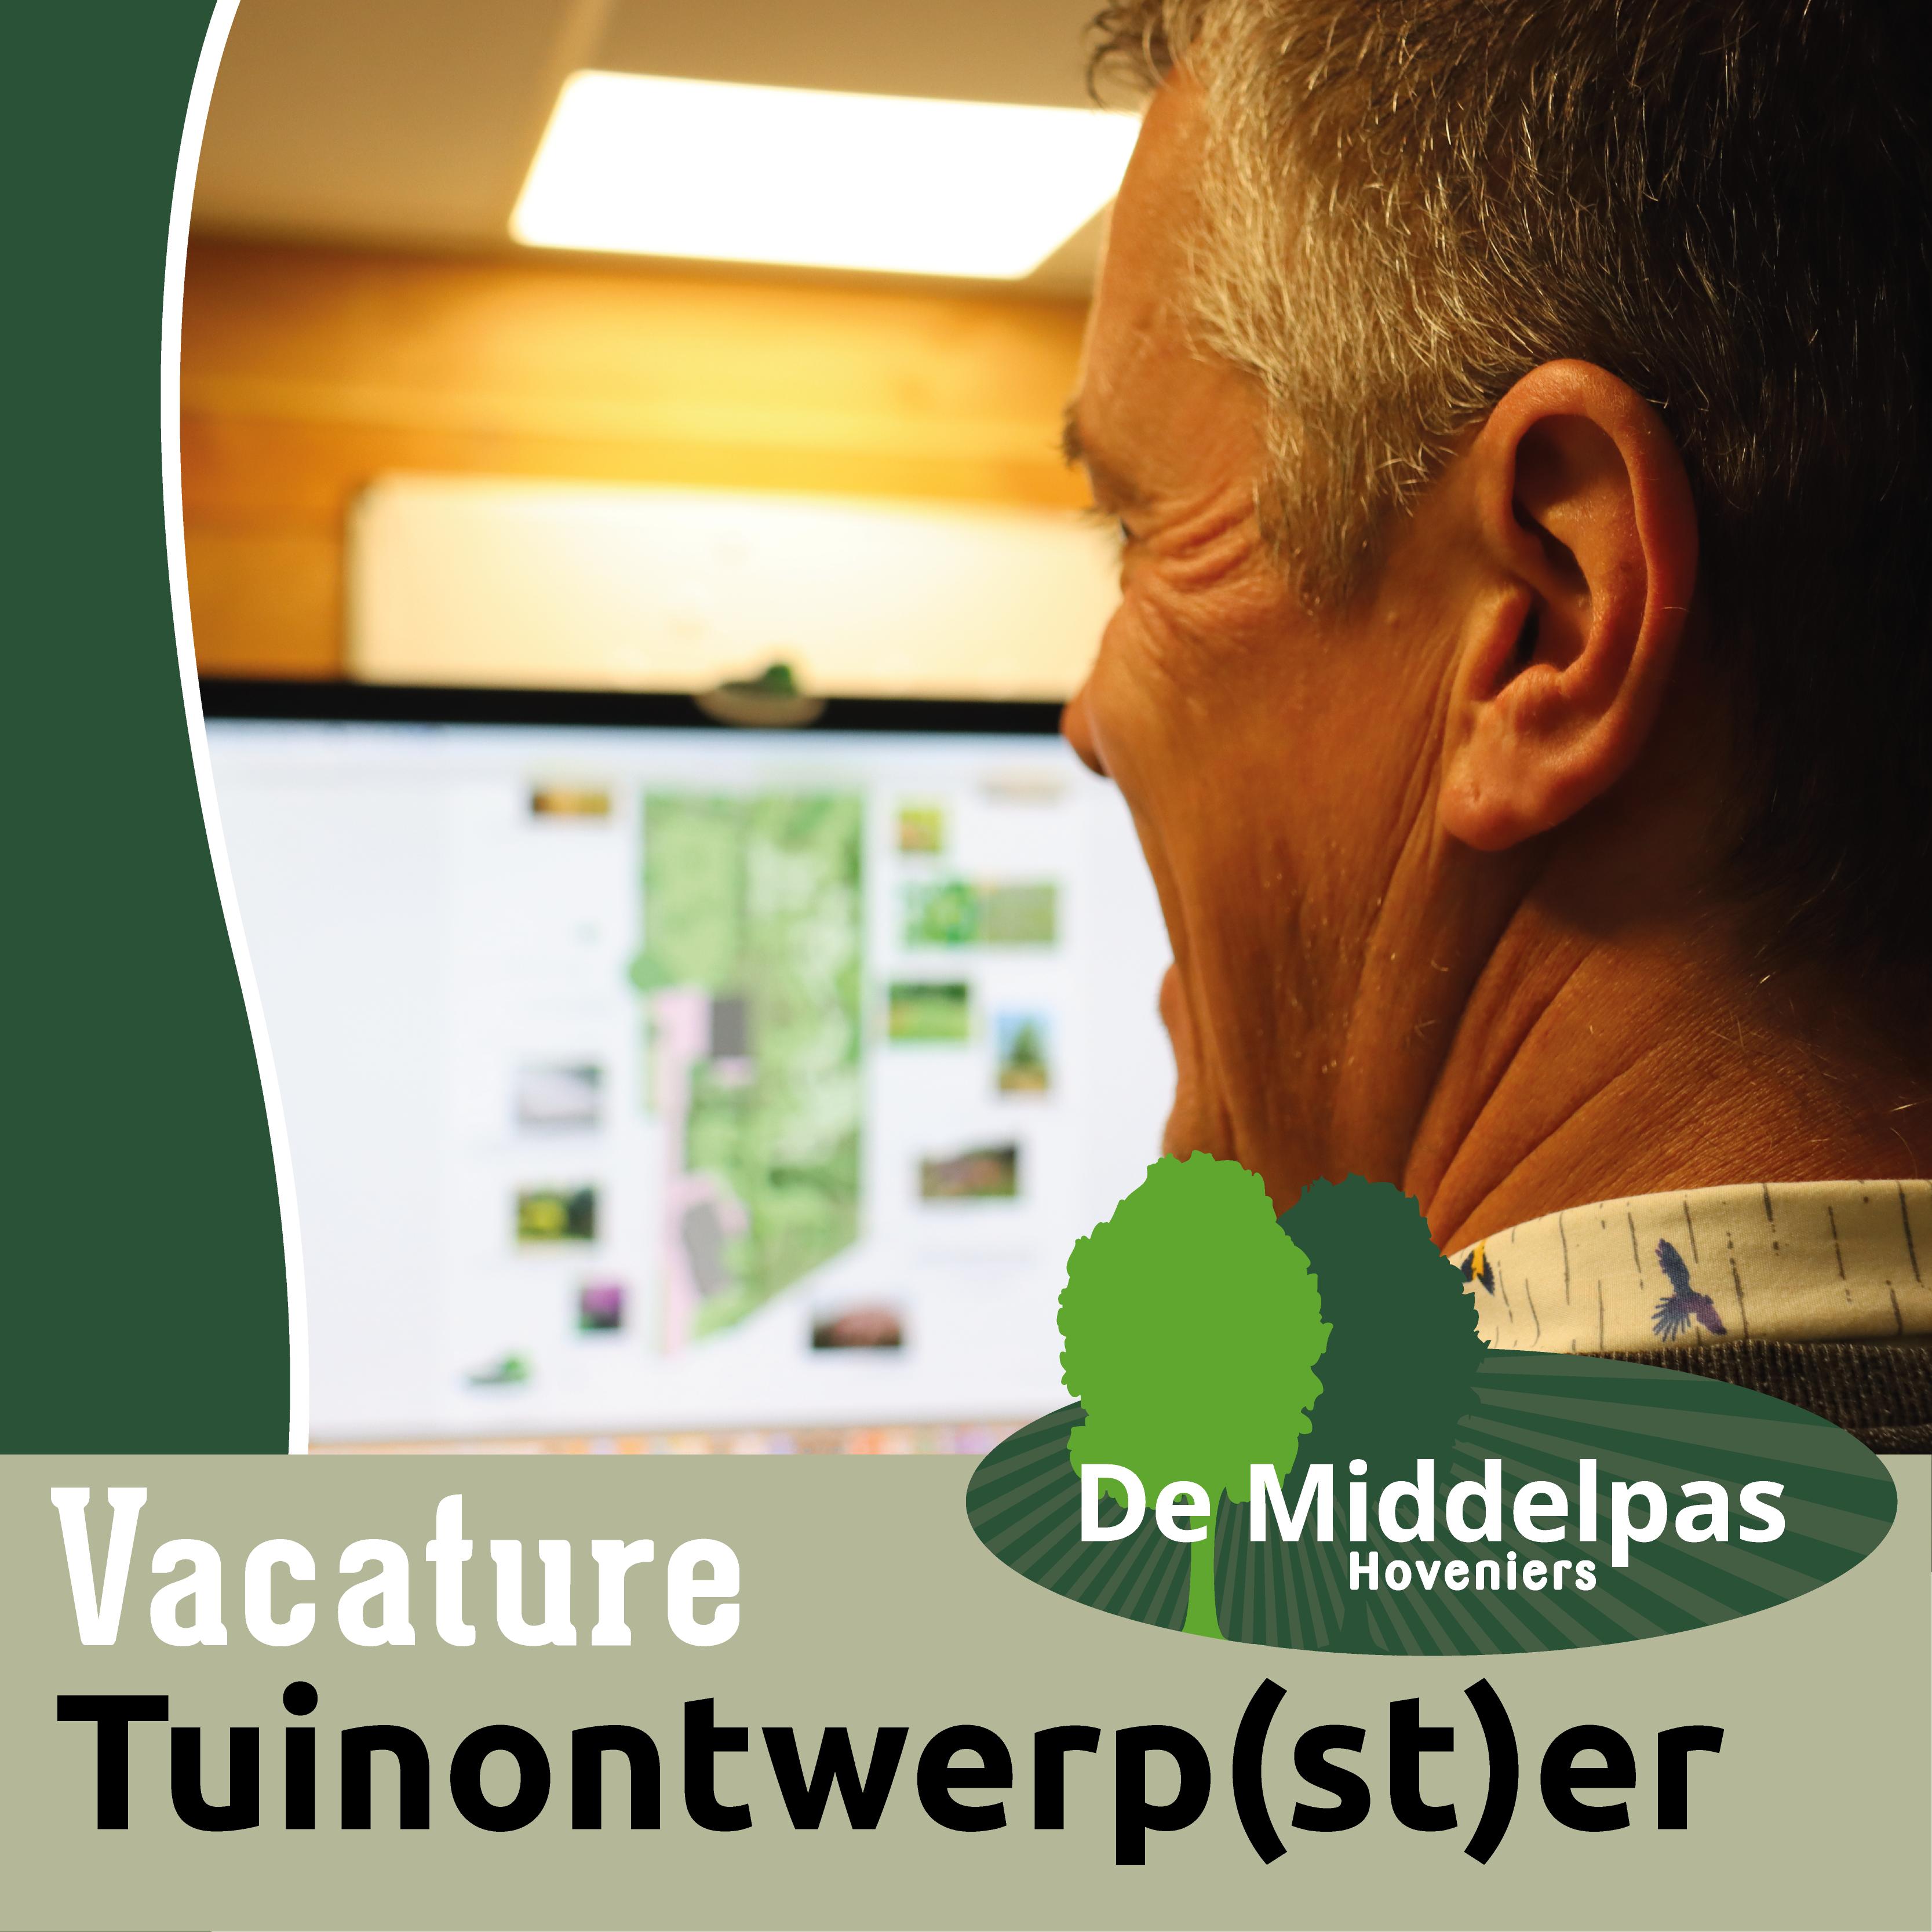 Vacature tuinontwerper - De Middelpas